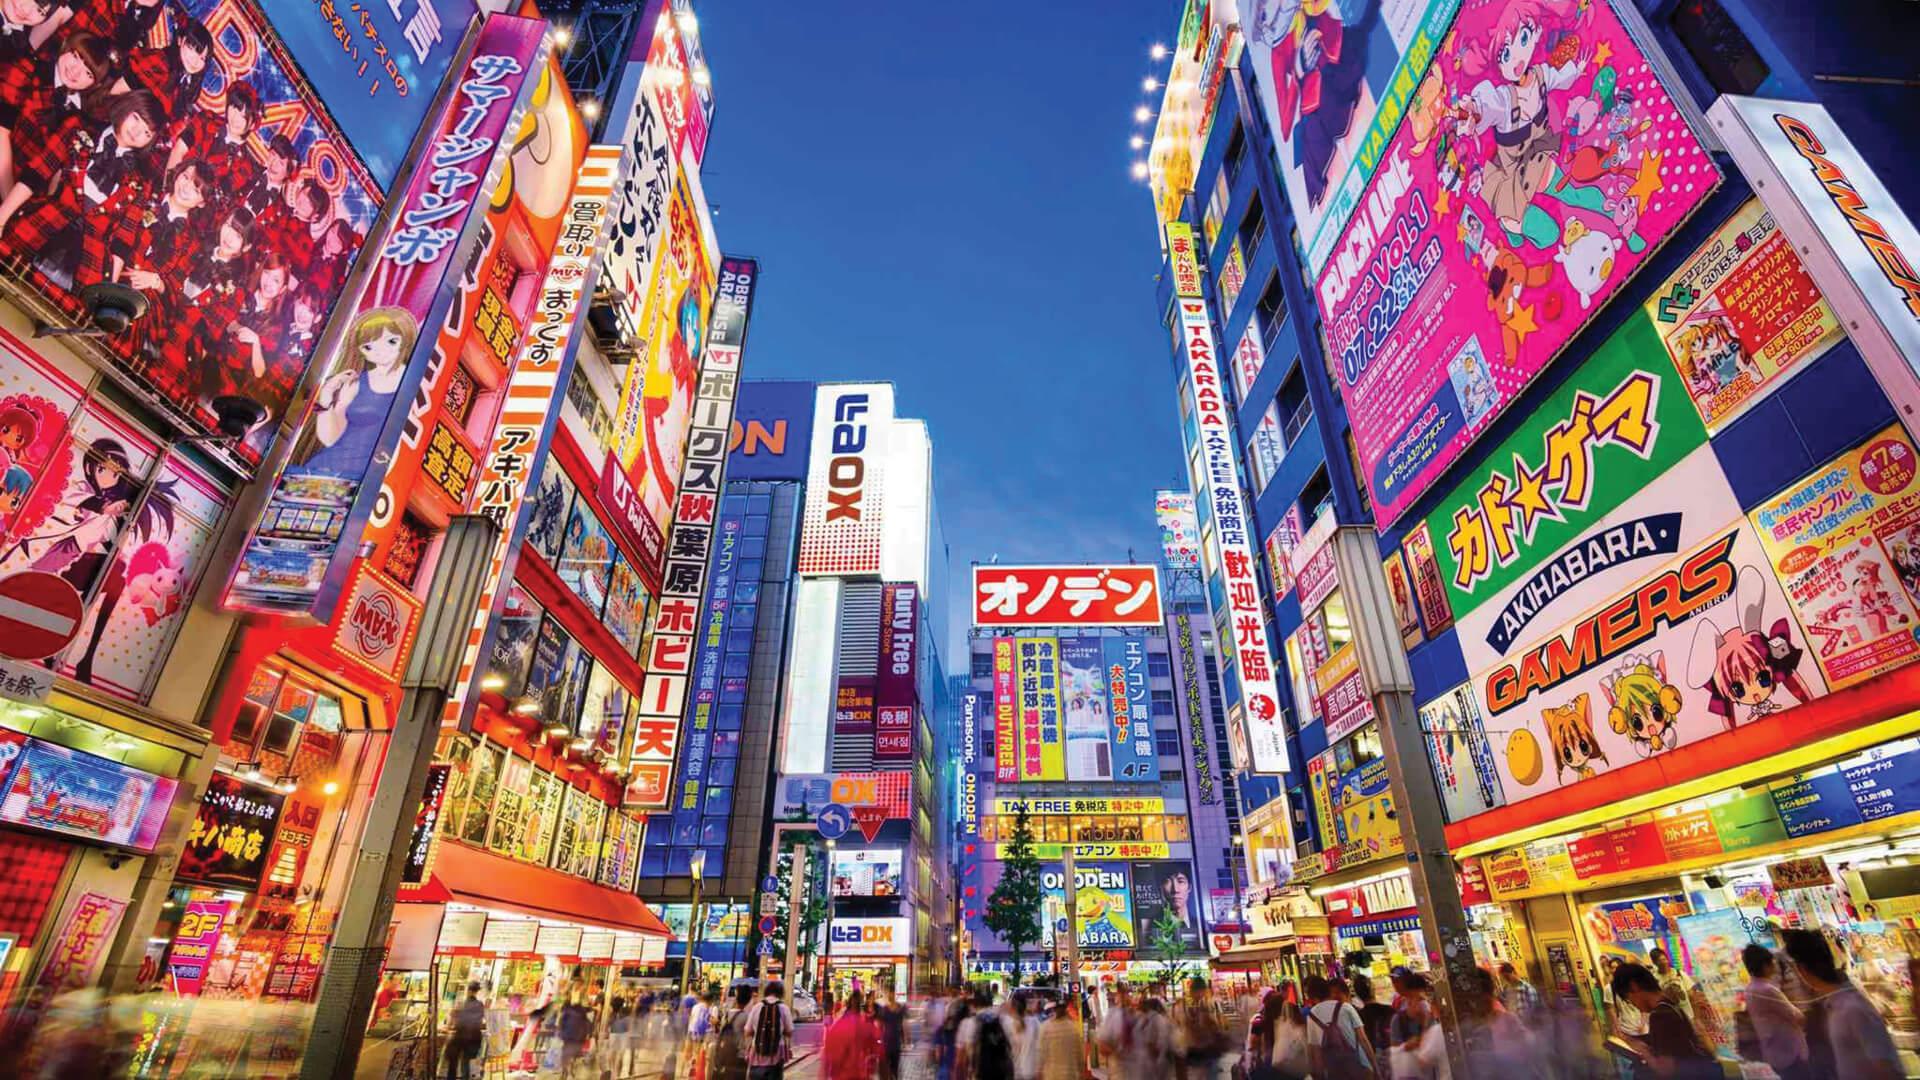 Akihabara Station in Tokyo | Digital Legacies | Julius Wiedemann | STIRworld